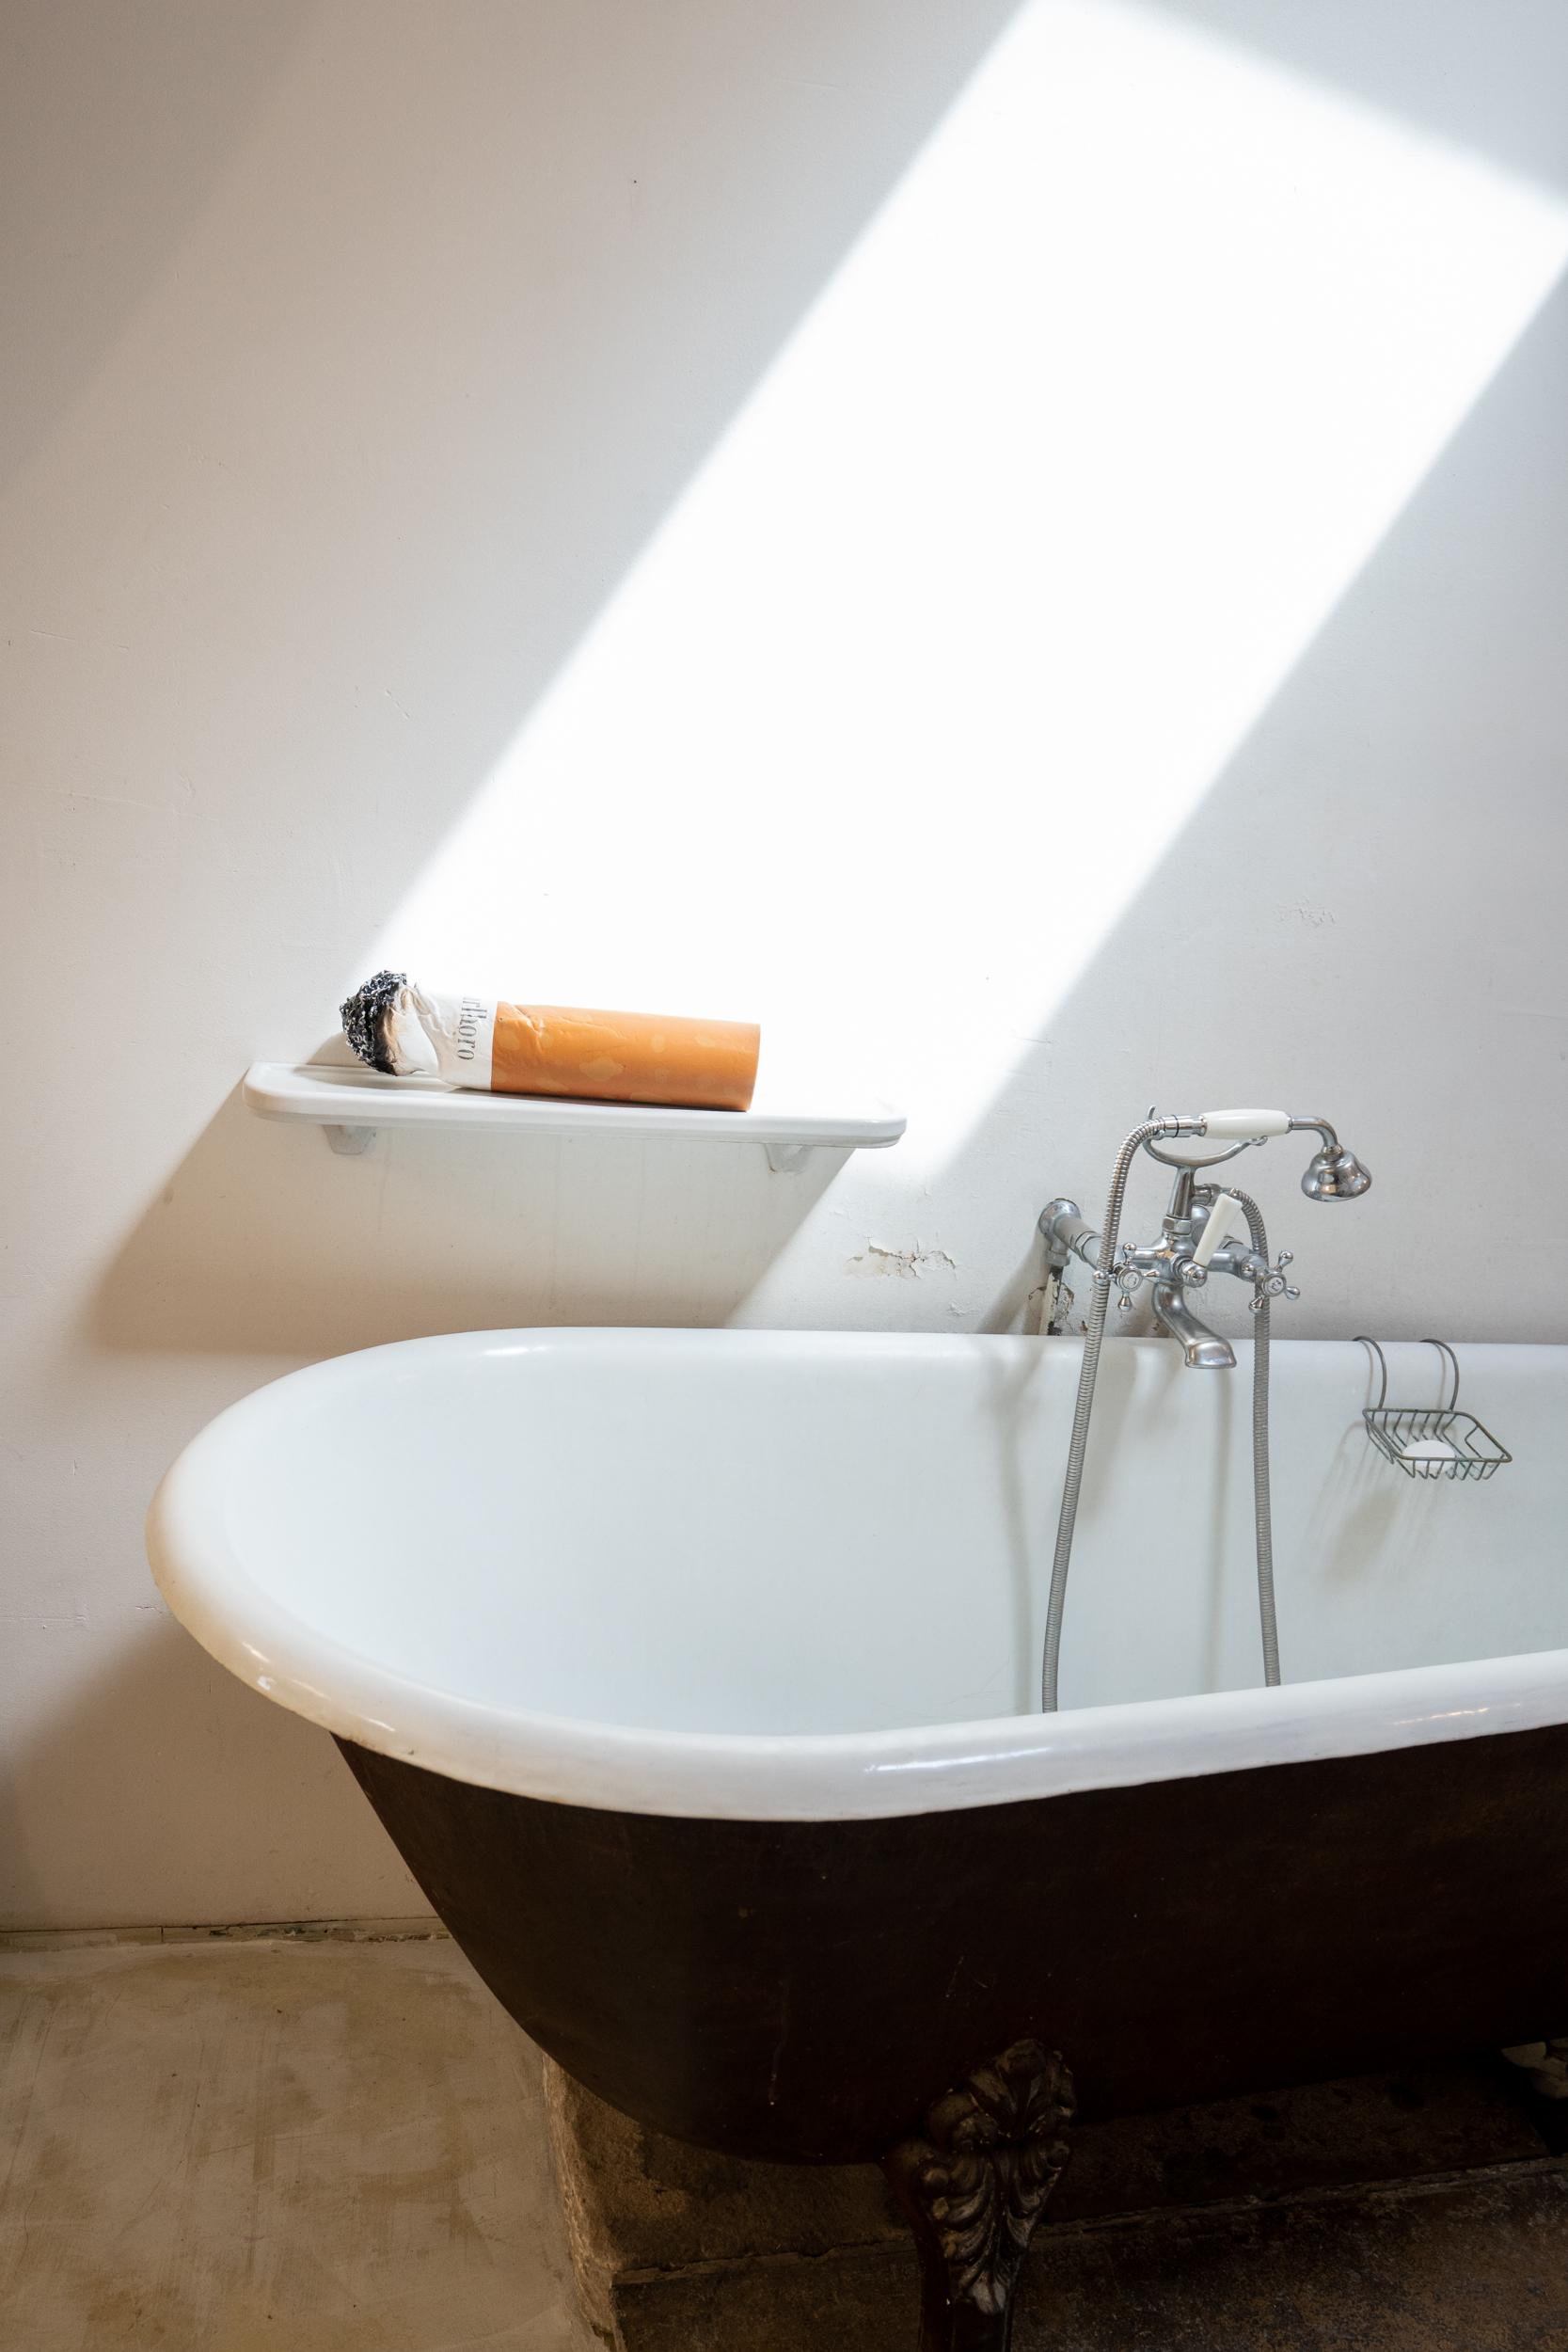 Cigarette-Marlboro by Sergio Garcia